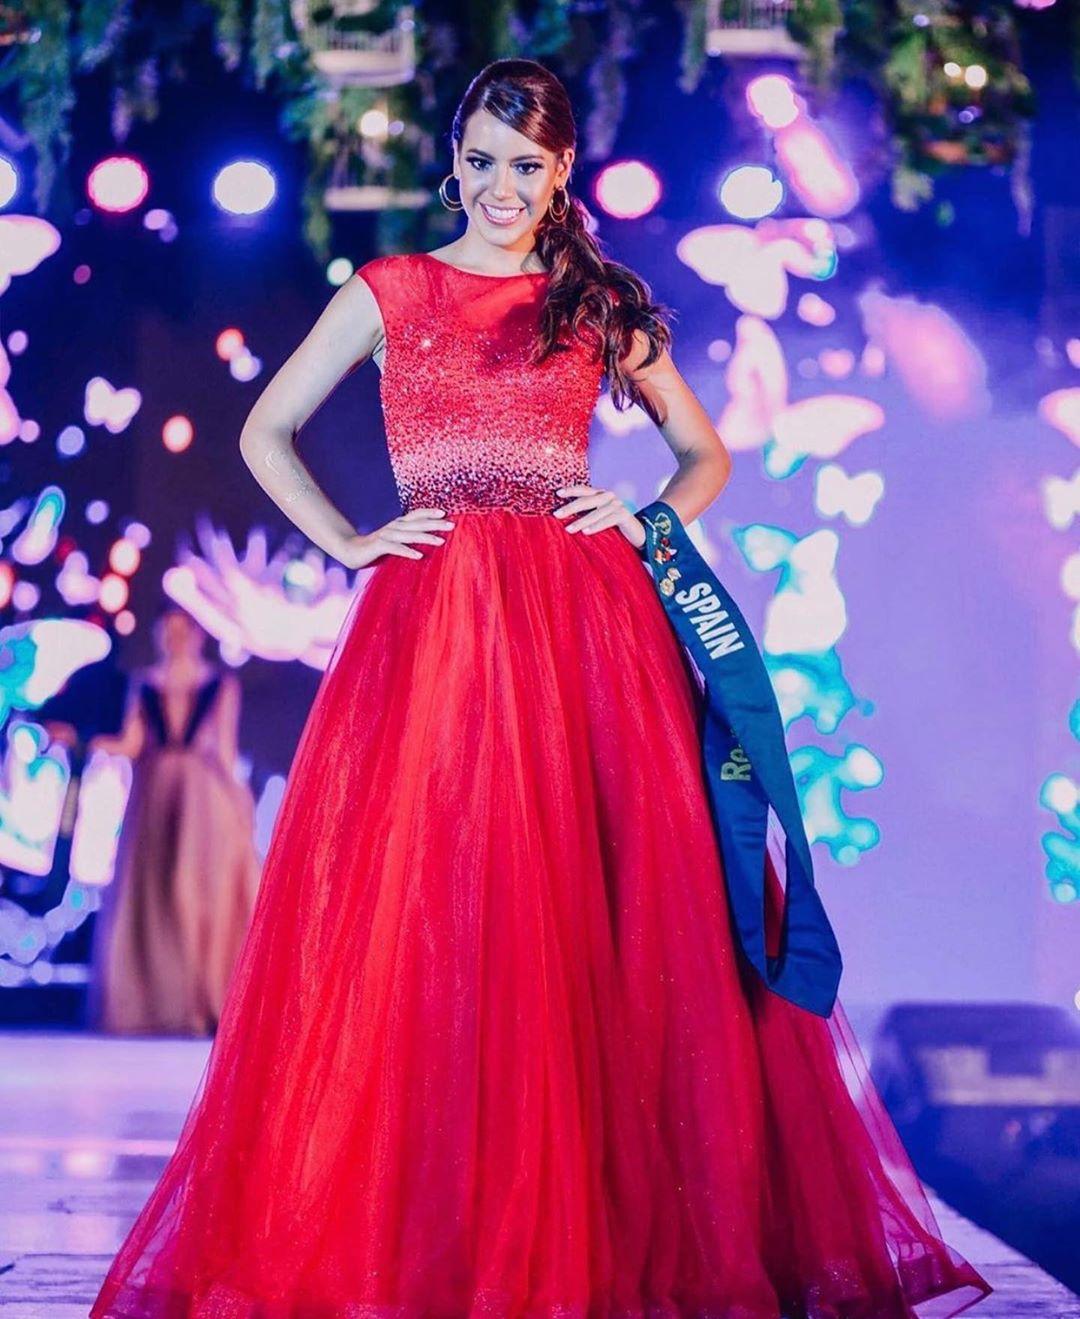 sonia hernandez, top 20 de miss earth 2019. - Página 5 72546310